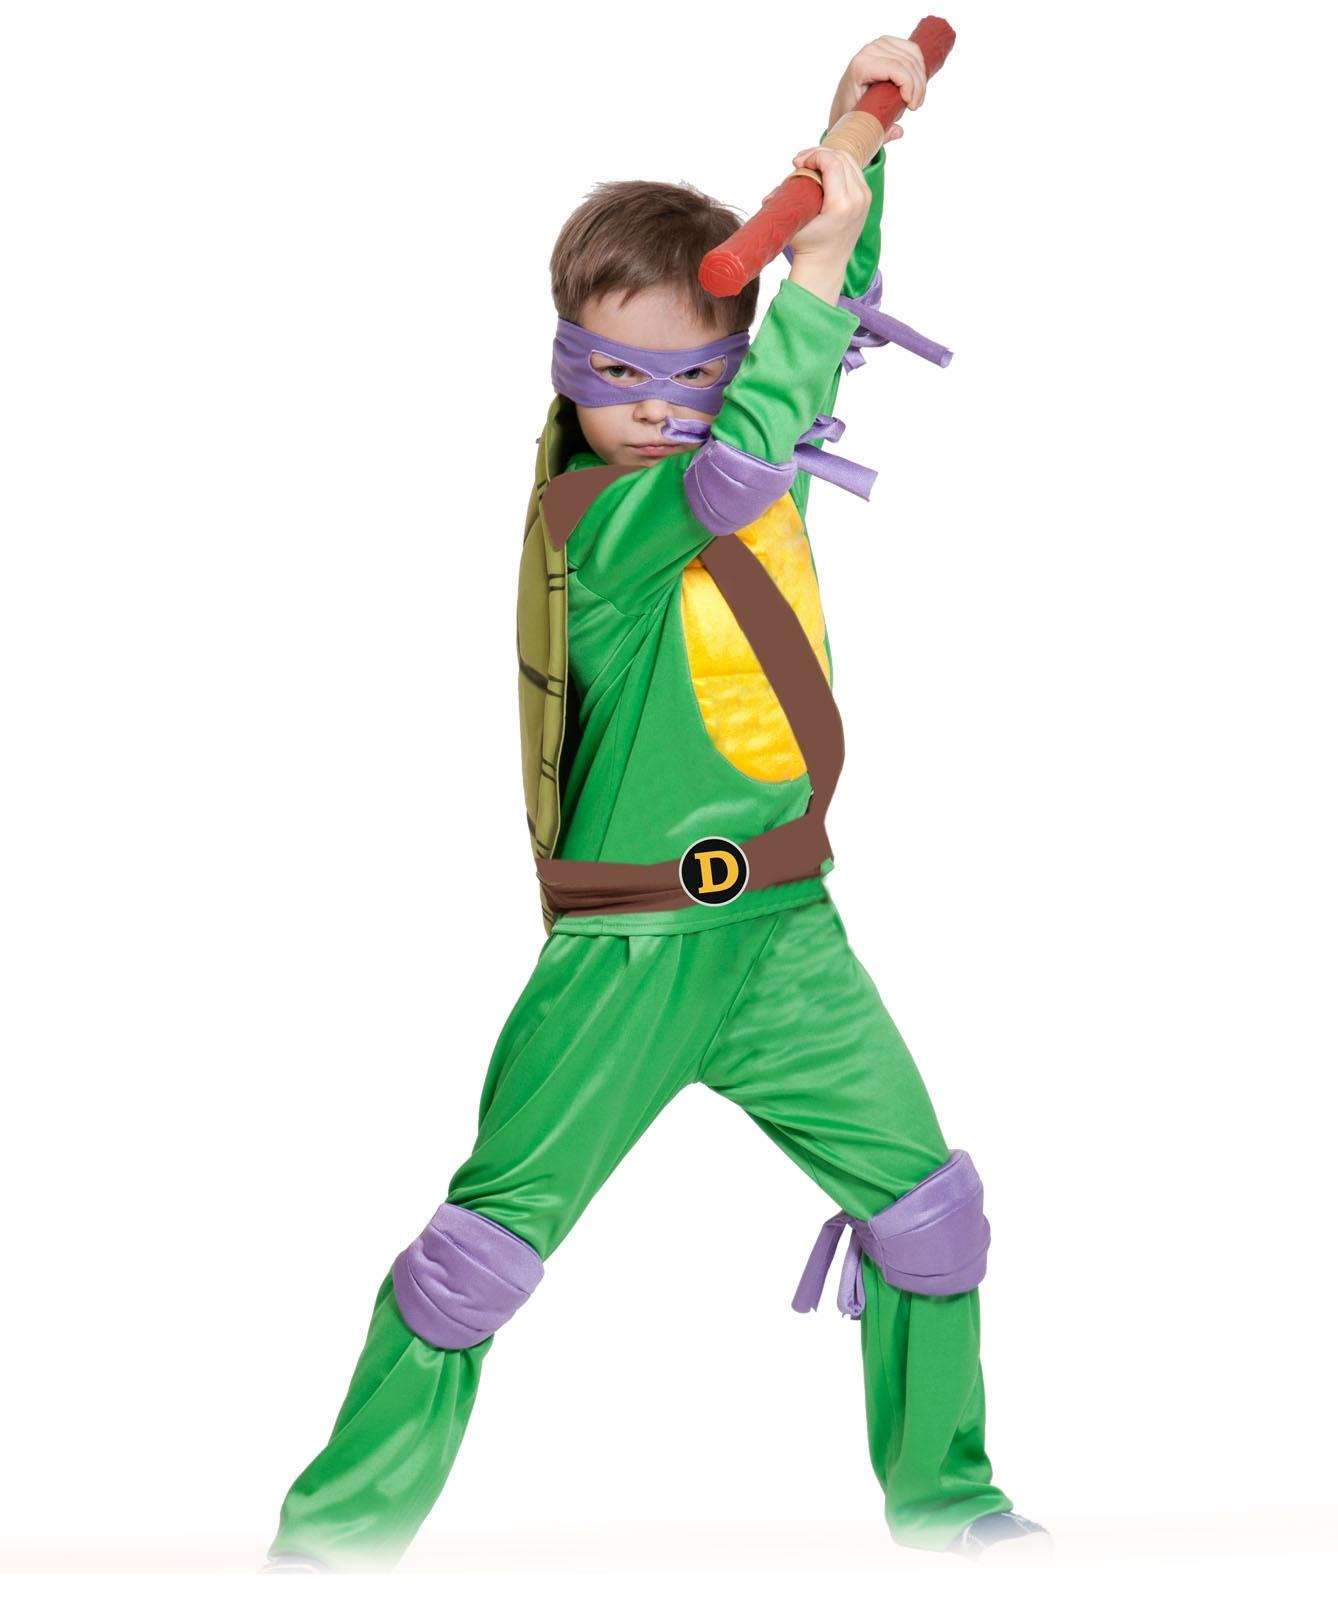 Детский костюм Ниндзя Черепашка Донателло (34-36)